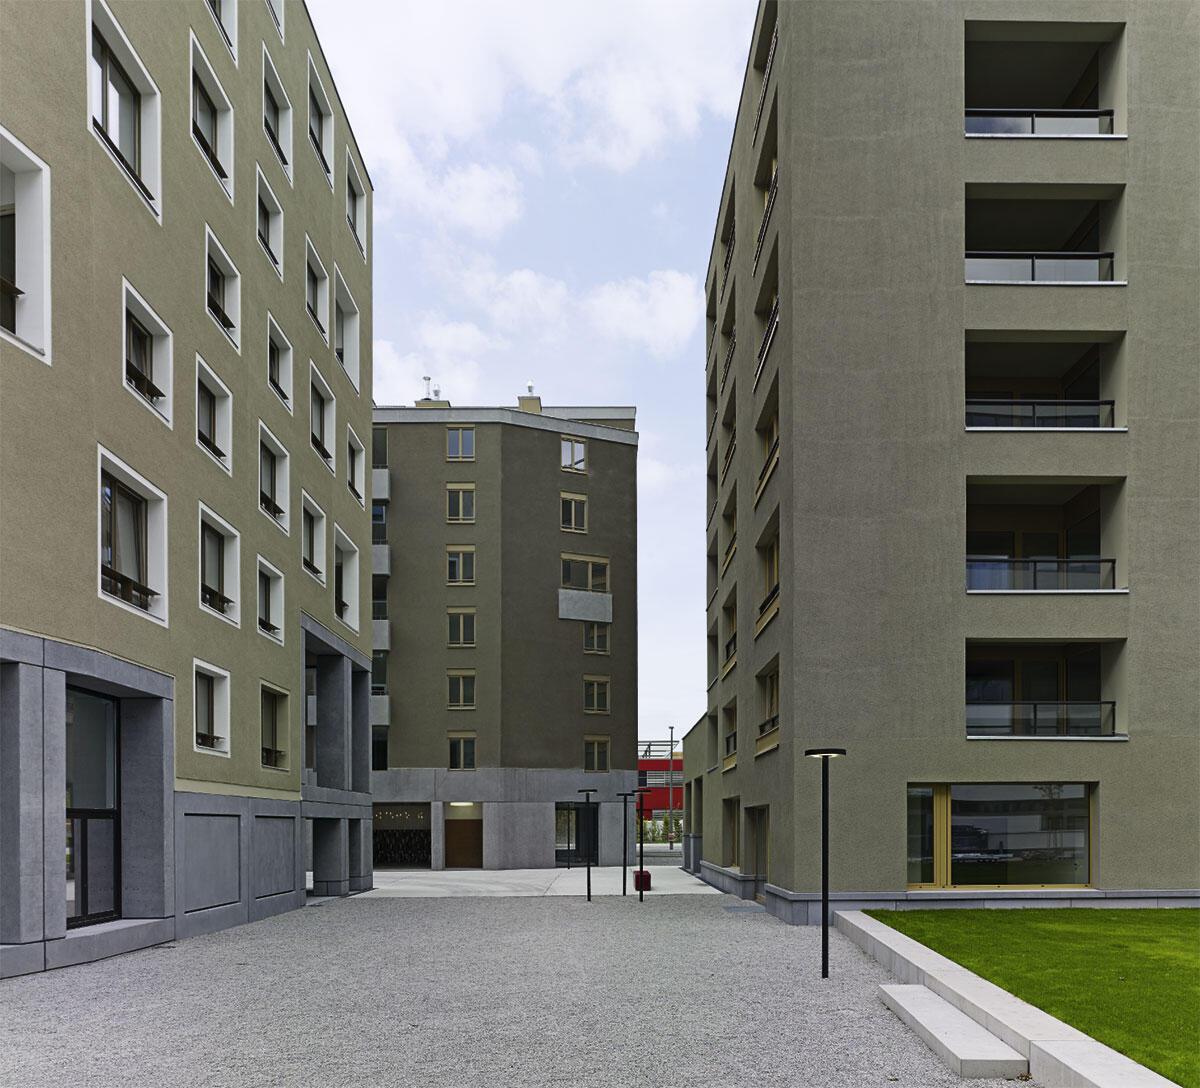 Weder Blockrand noch Solitär – und doch vertraut: Blick in den städtischen Raum zwischen den Häusern von Werner Neuwirth, Sergison Bates und von Ballmoos Krucker (v.l.n.r).